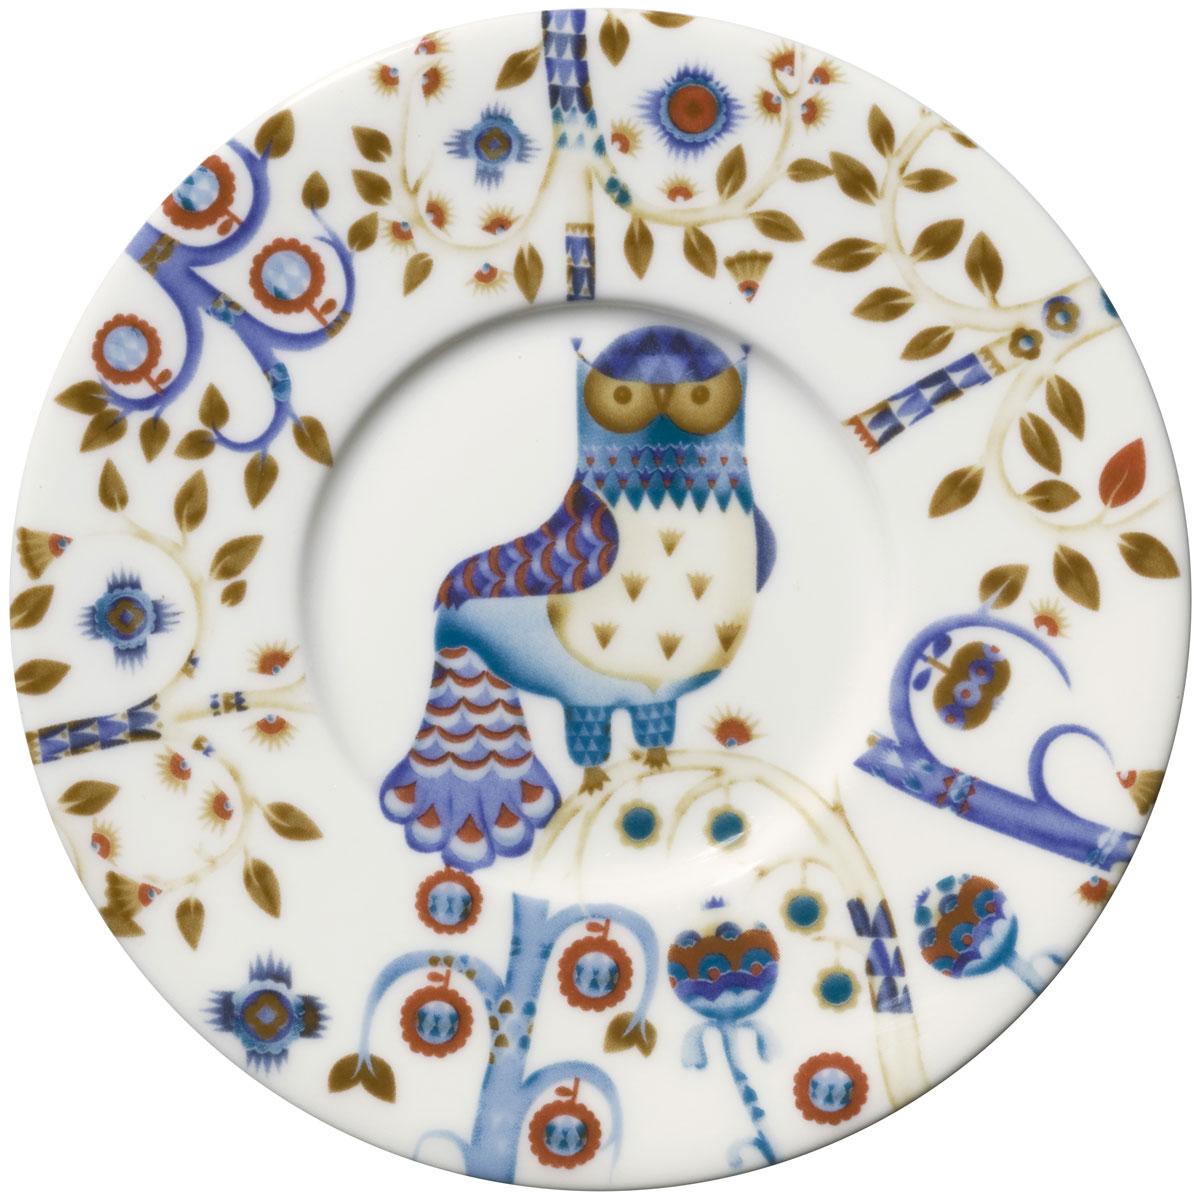 """Блюдце Iittala """"Taika"""" выполнено из качественного жароустойчивого прочного фарфора с долговечным стекловидным эмалевым покрытием.  Можно мыть в посудомоечной машине."""